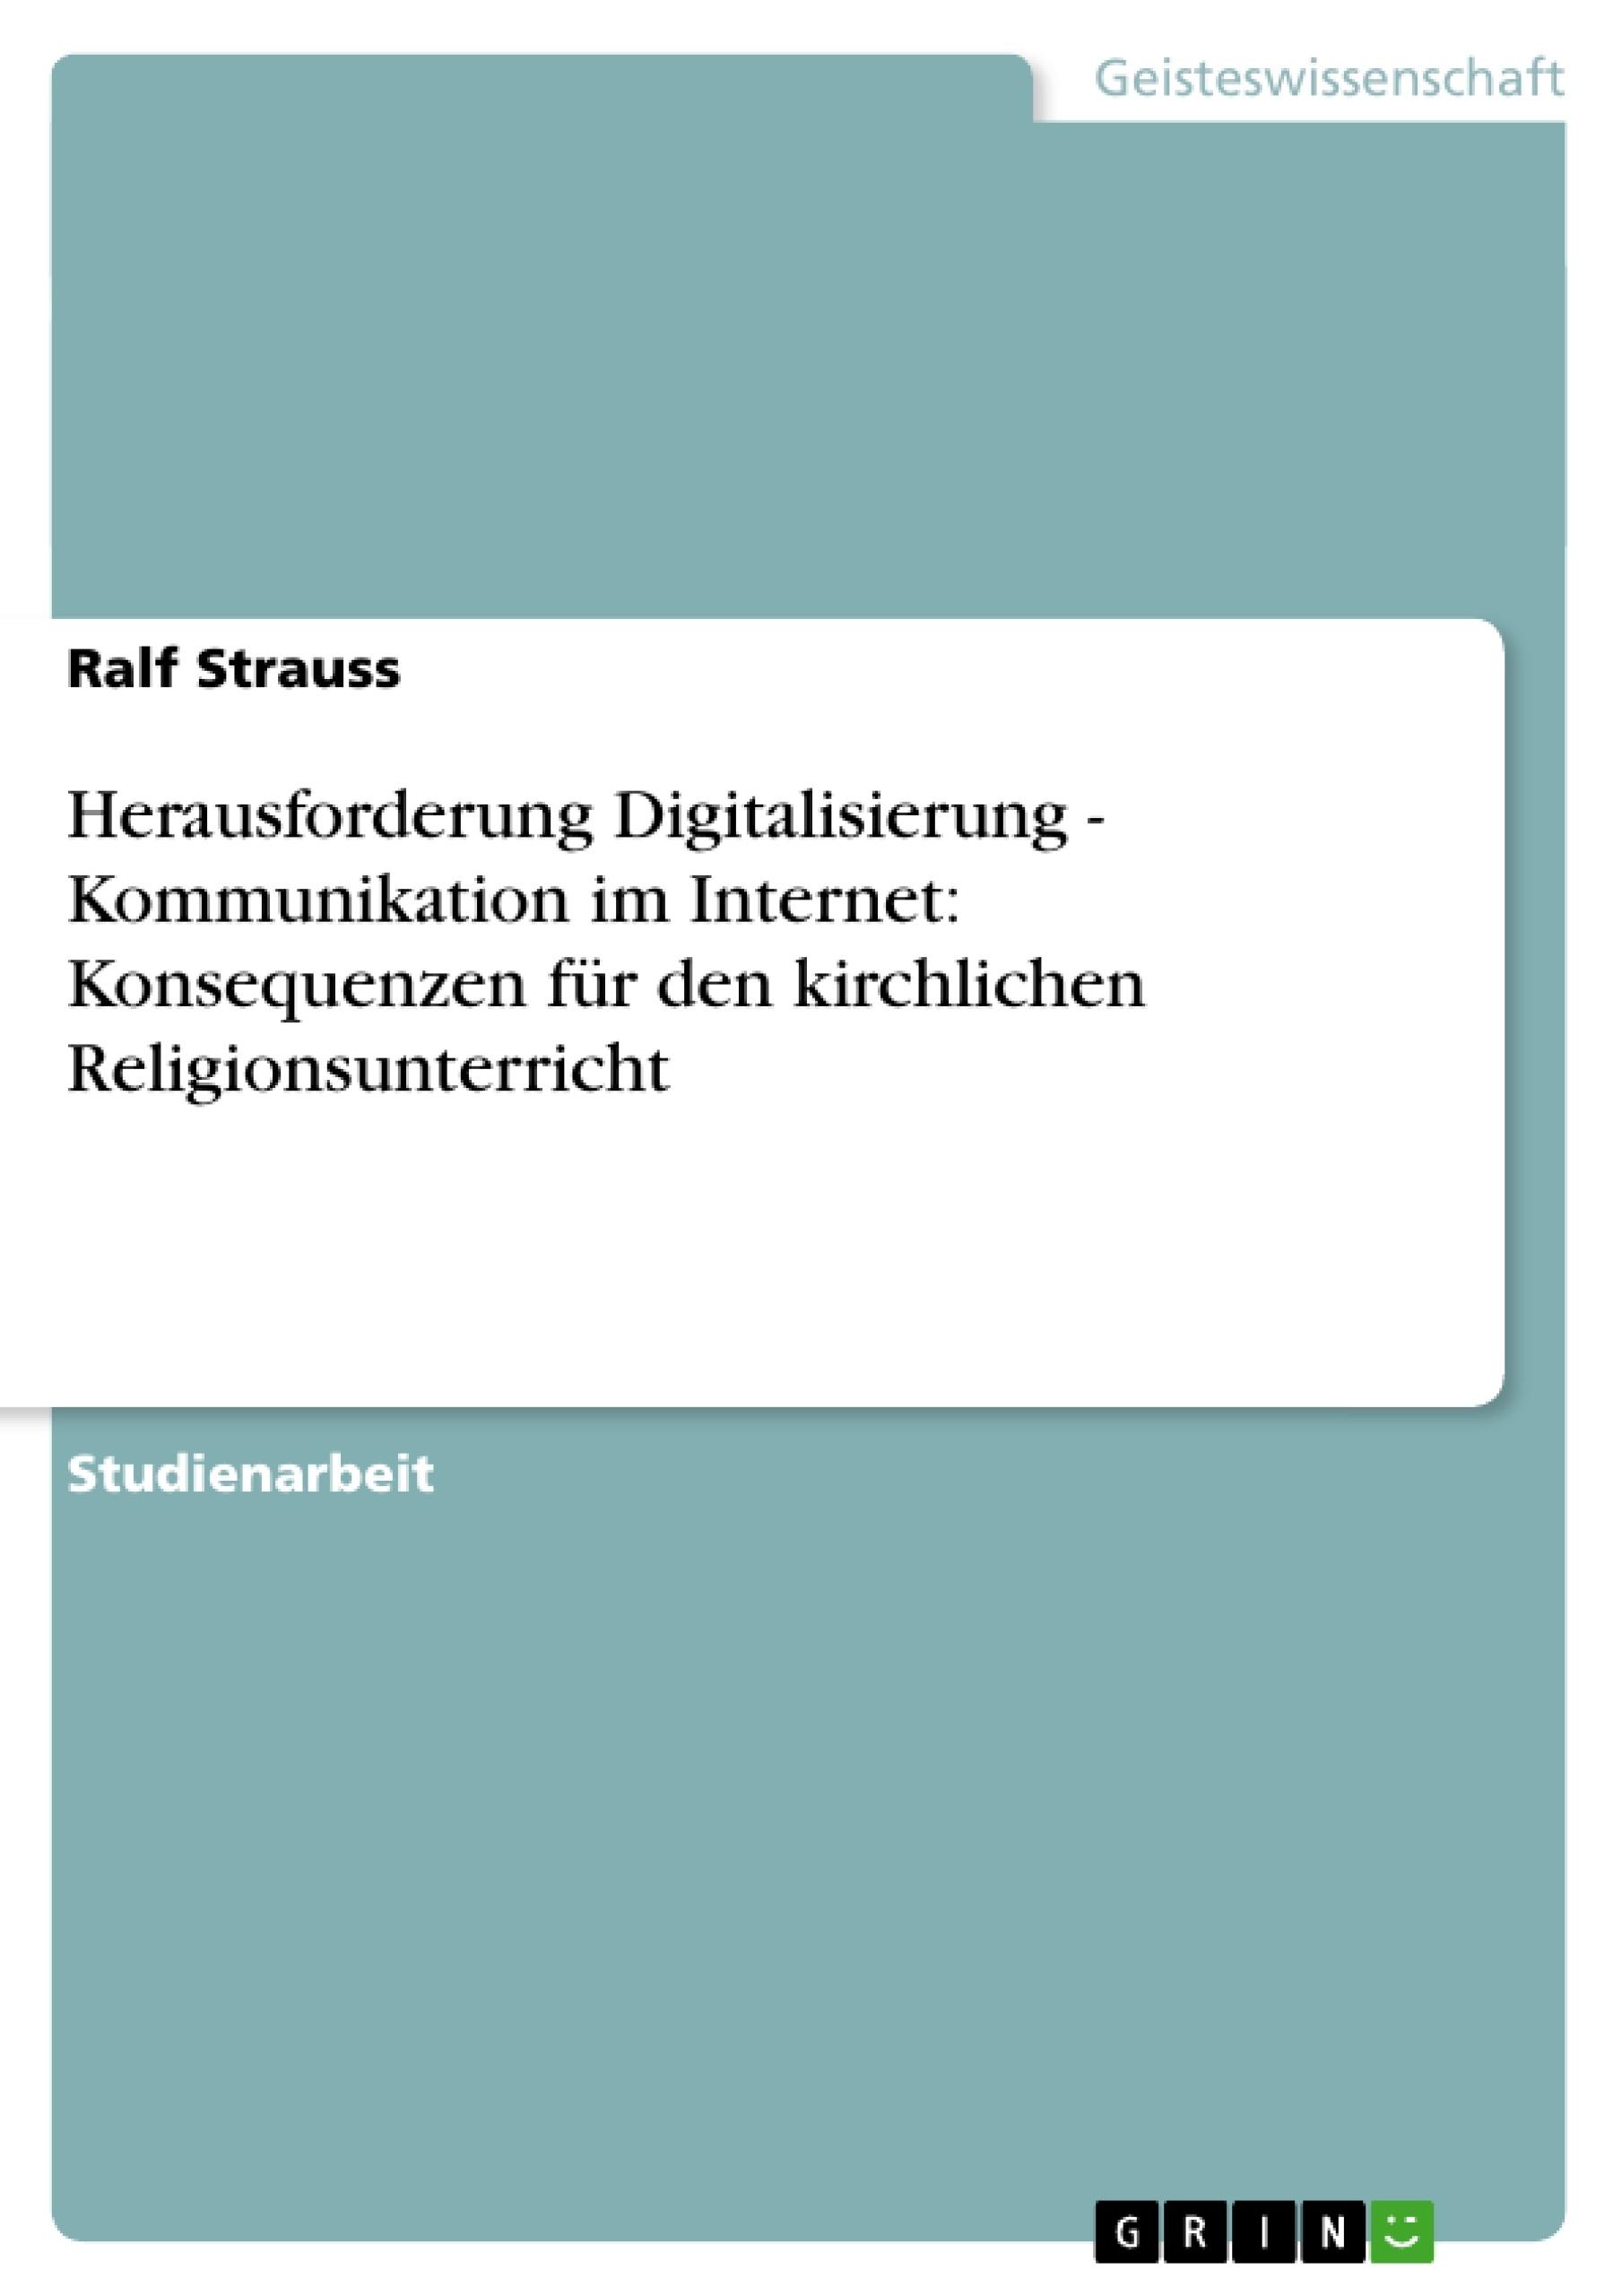 Titel: Herausforderung Digitalisierung - Kommunikation im Internet: Konsequenzen für den kirchlichen Religionsunterricht